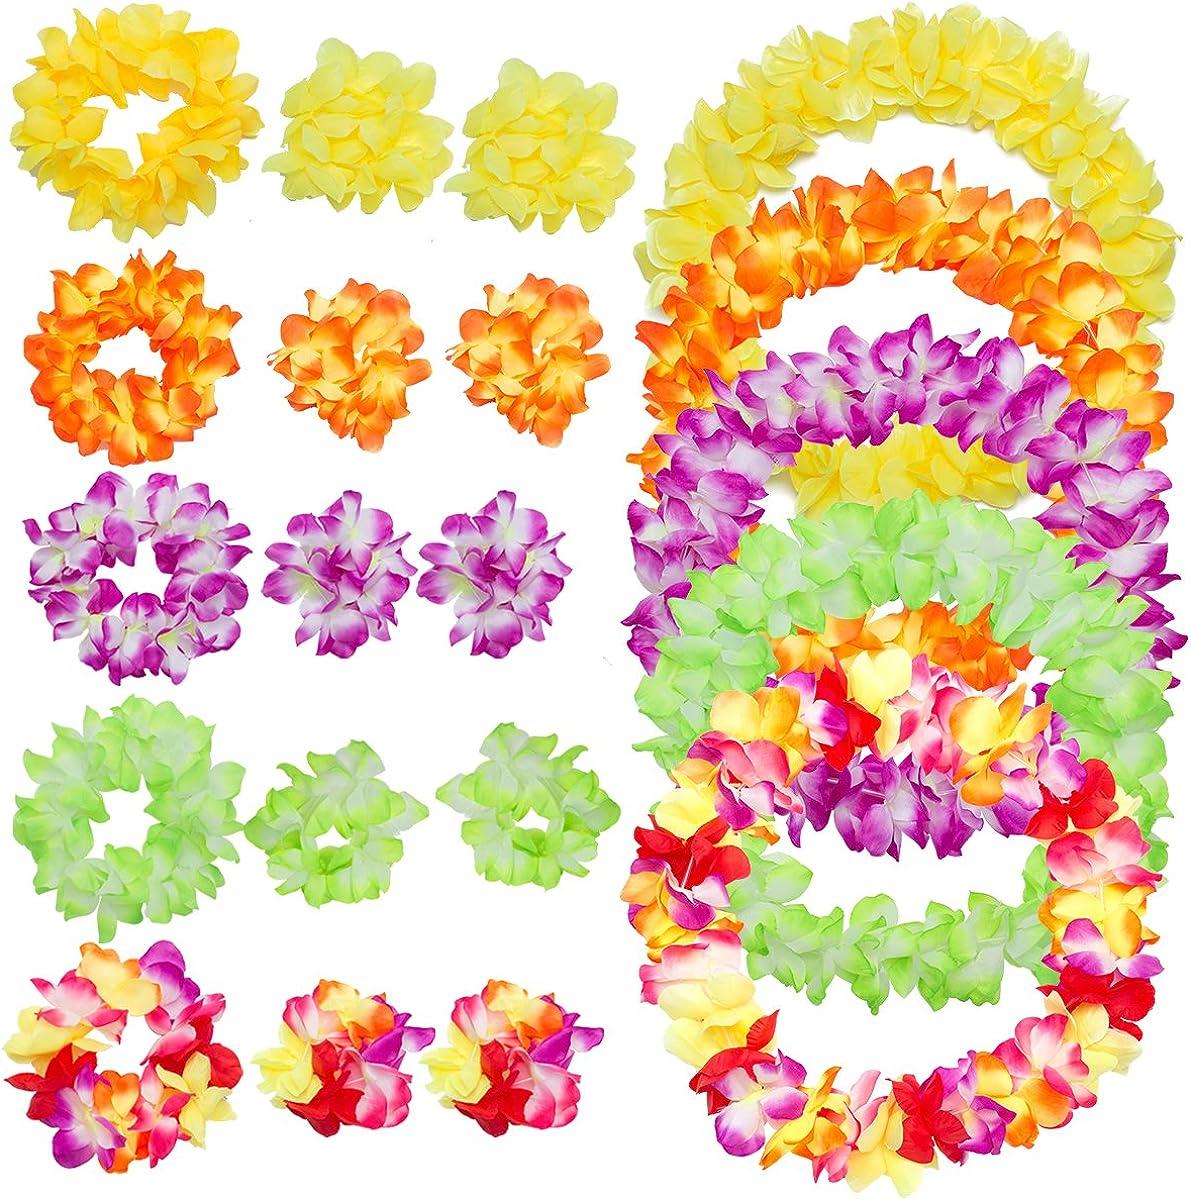 Madholly 5 juegos hawaianos: collares de flores, diadema de flores, brazalete de flores para niños y adultos, juegos de collar de flores de hibisco artificial artificial de Hawai para la fiesta